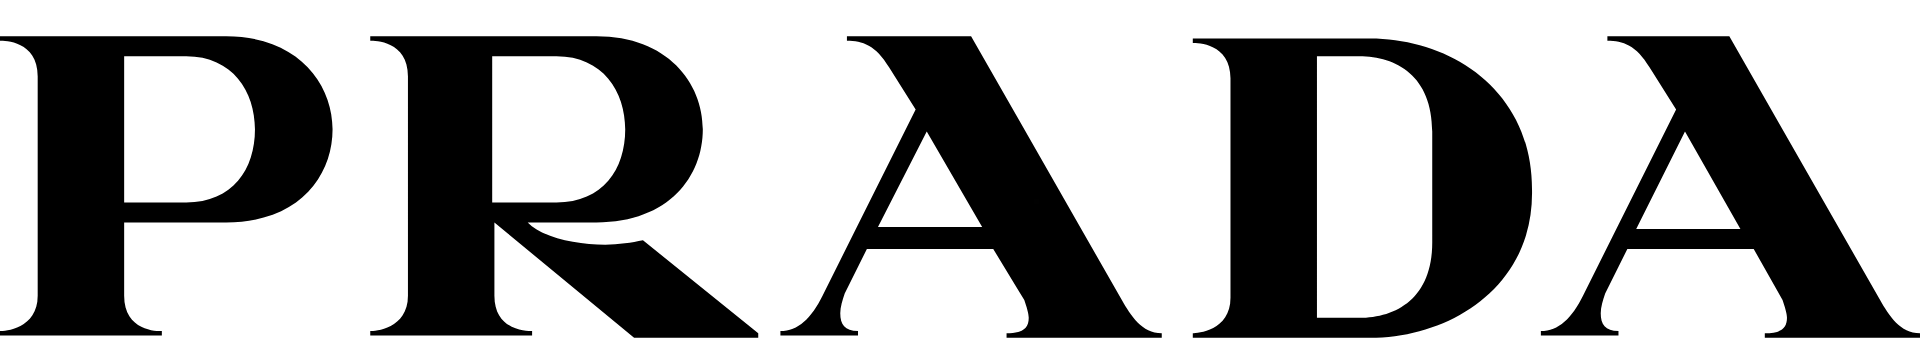 Prada Logo Logos Logotype Vehicle Logos